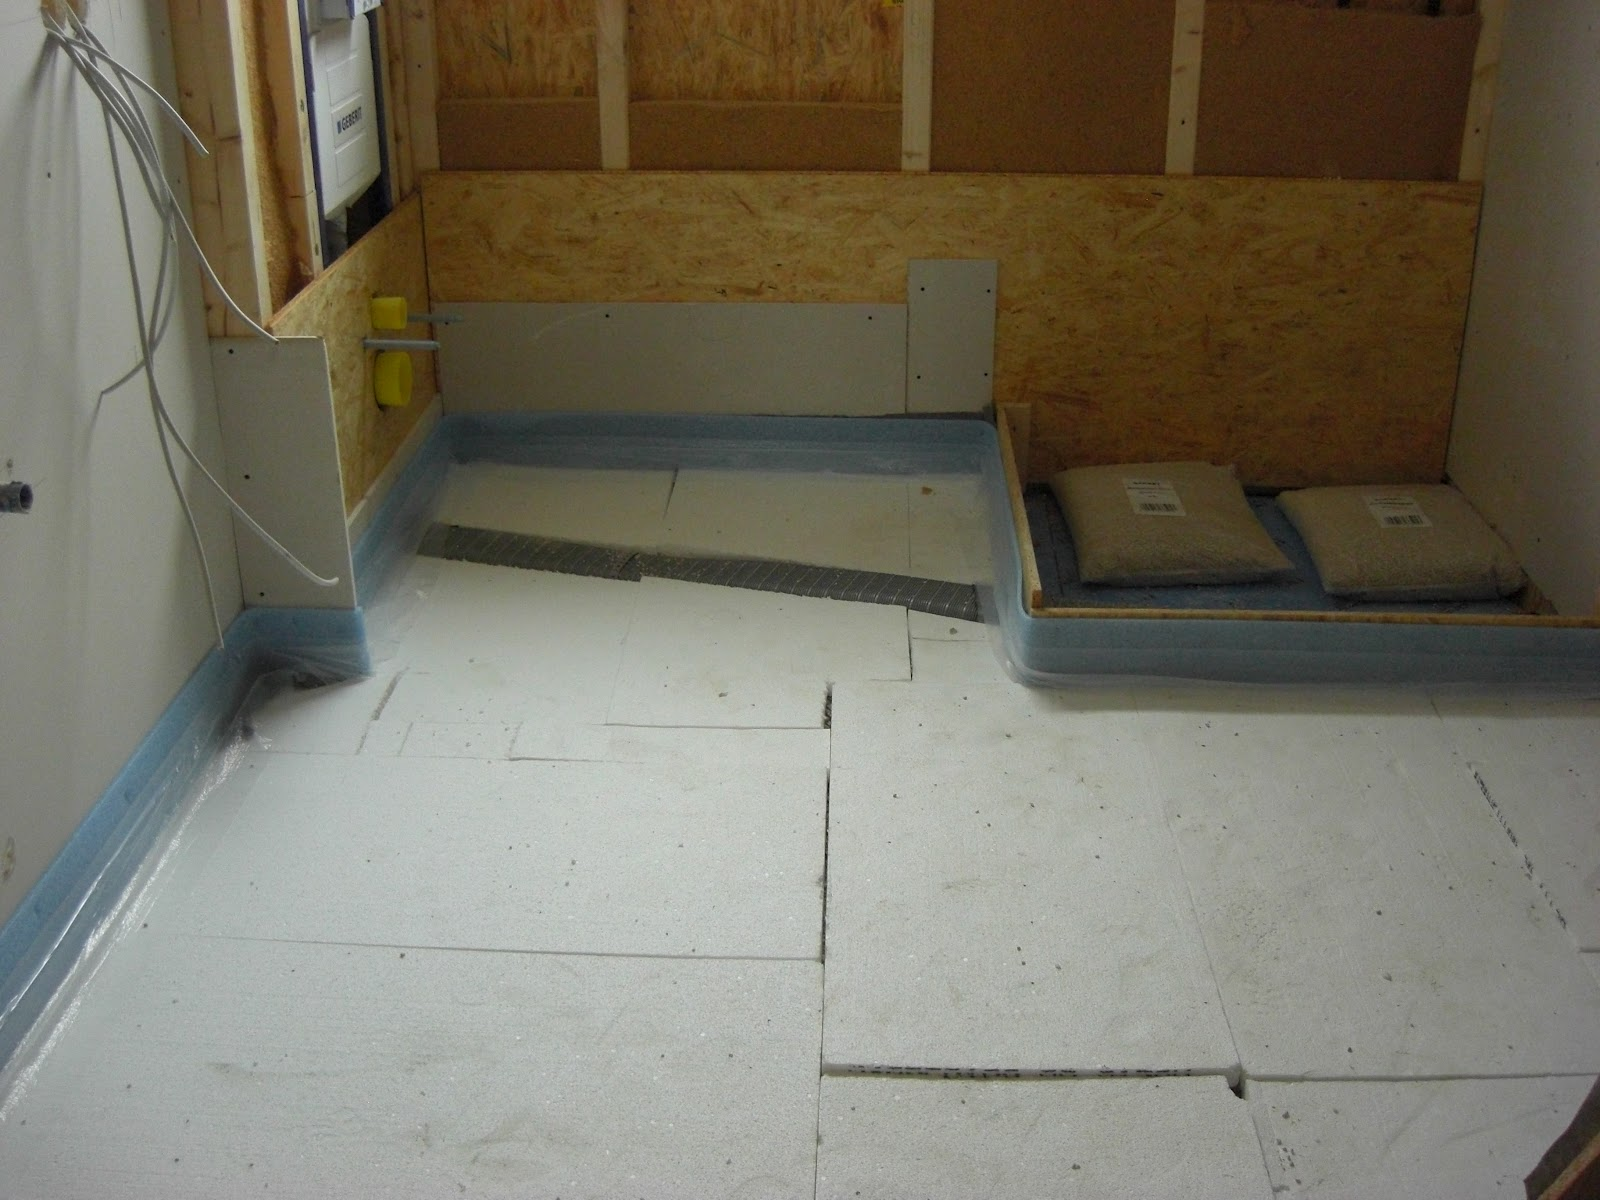 Fußboden Dämmung ~ Fußbodendämmung verlegen mineralwolle richtig verlegen anleitung